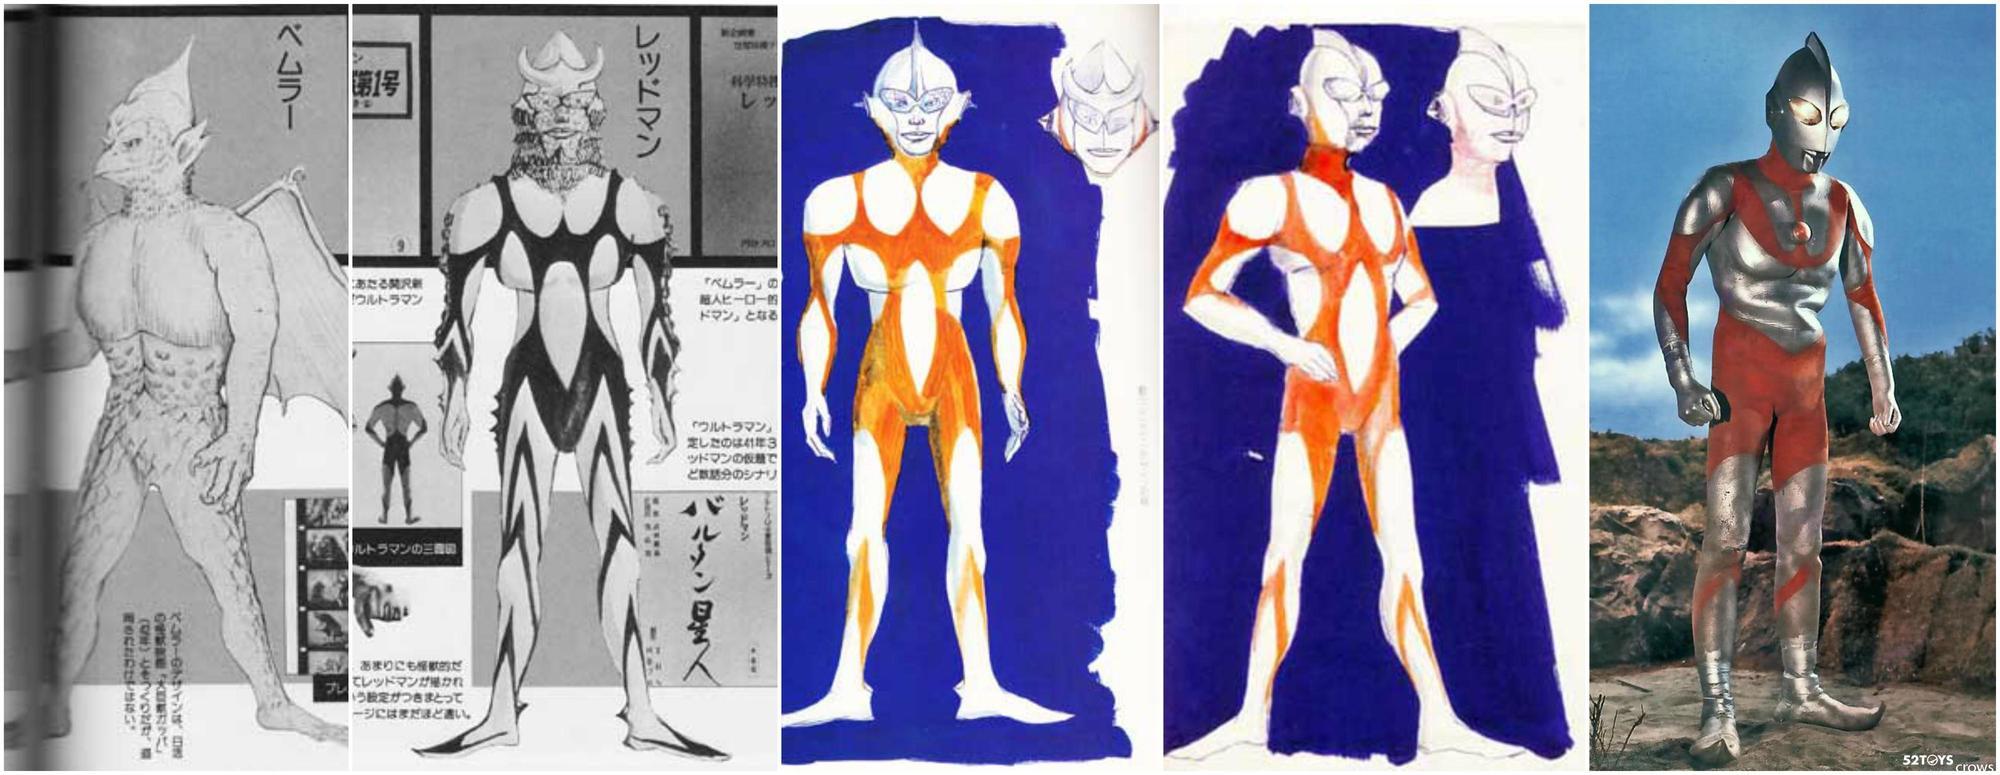 """设计稿中的顺序为""""Bemler""""-""""REDMAN""""-""""Ultraman""""-最终版"""